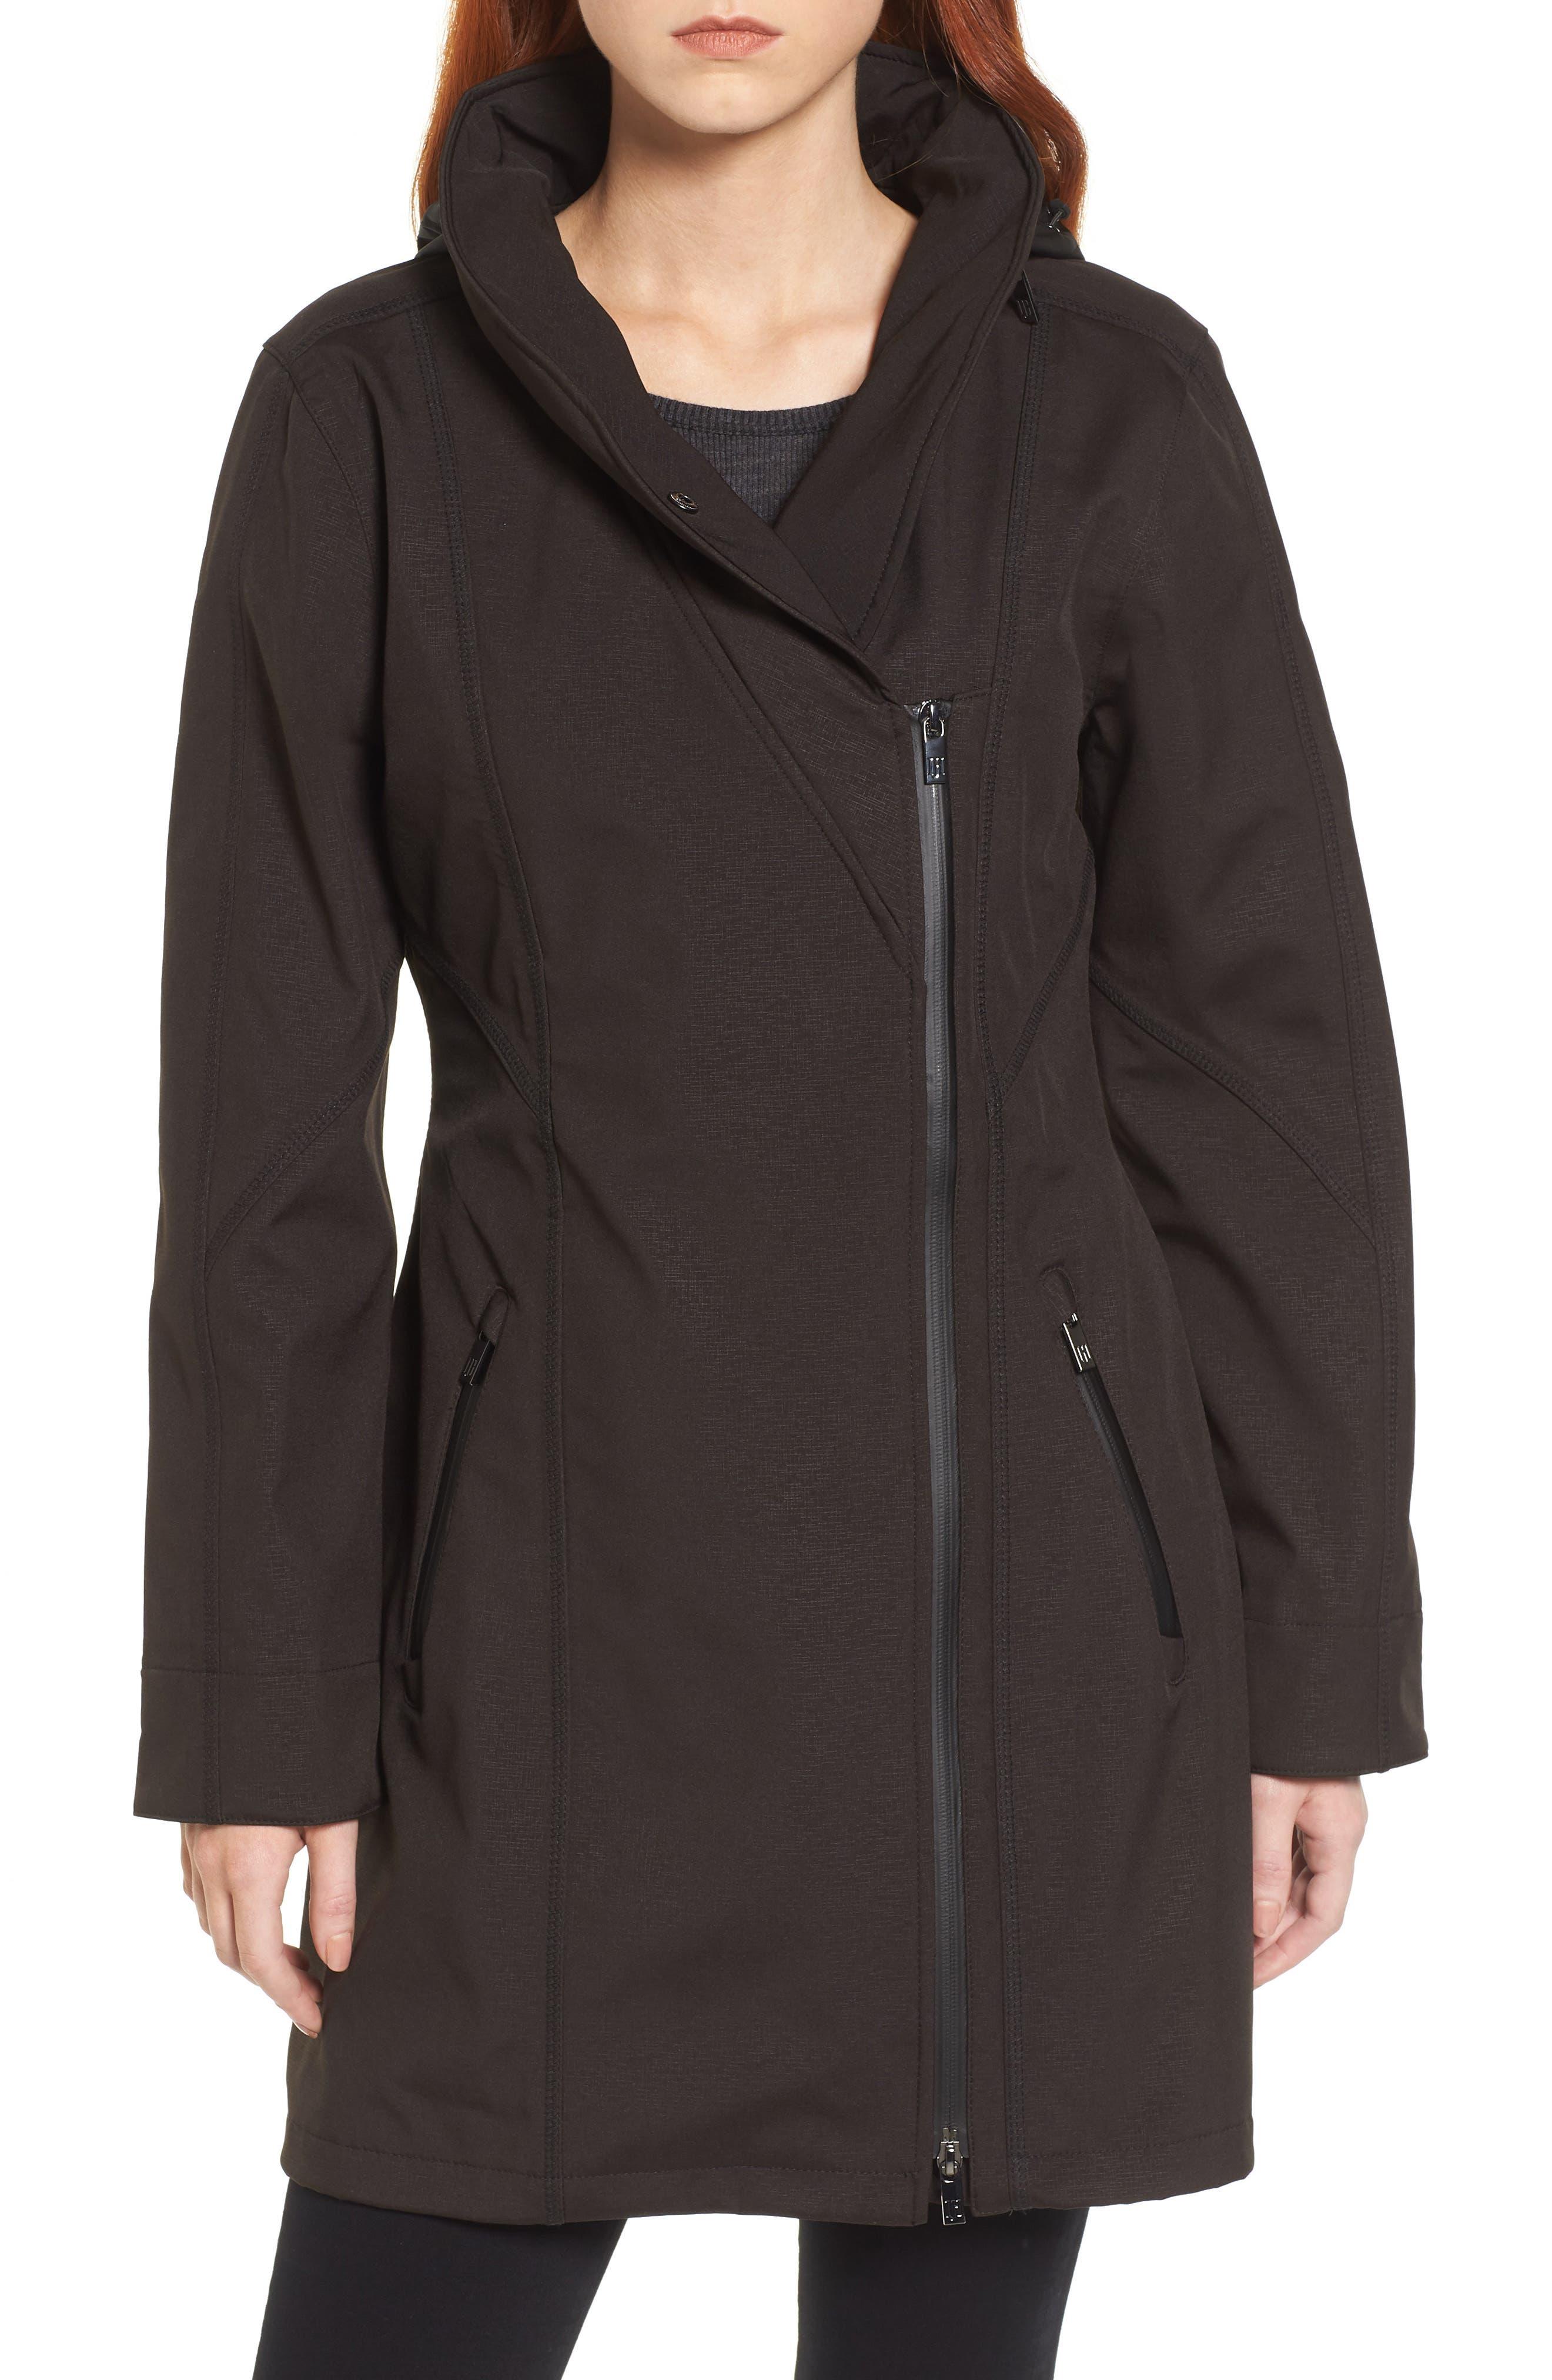 Hornbaek Soft Shell Raincoat,                         Main,                         color, Black